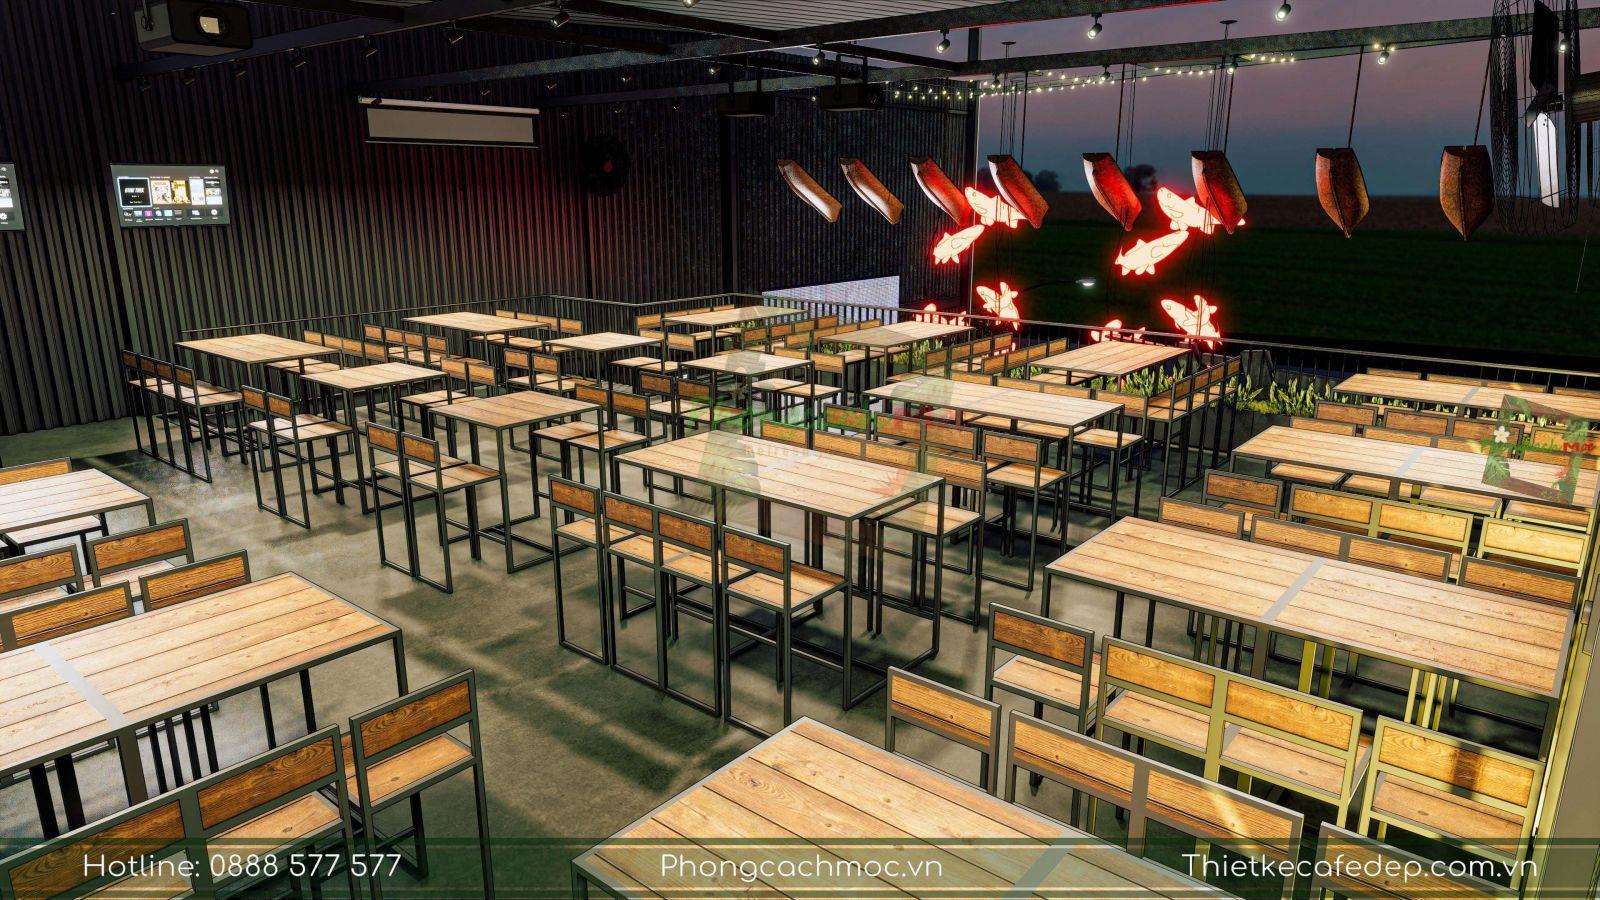 thiết kế sử dụng bàn ghế nội thất nhà hàng 5ku